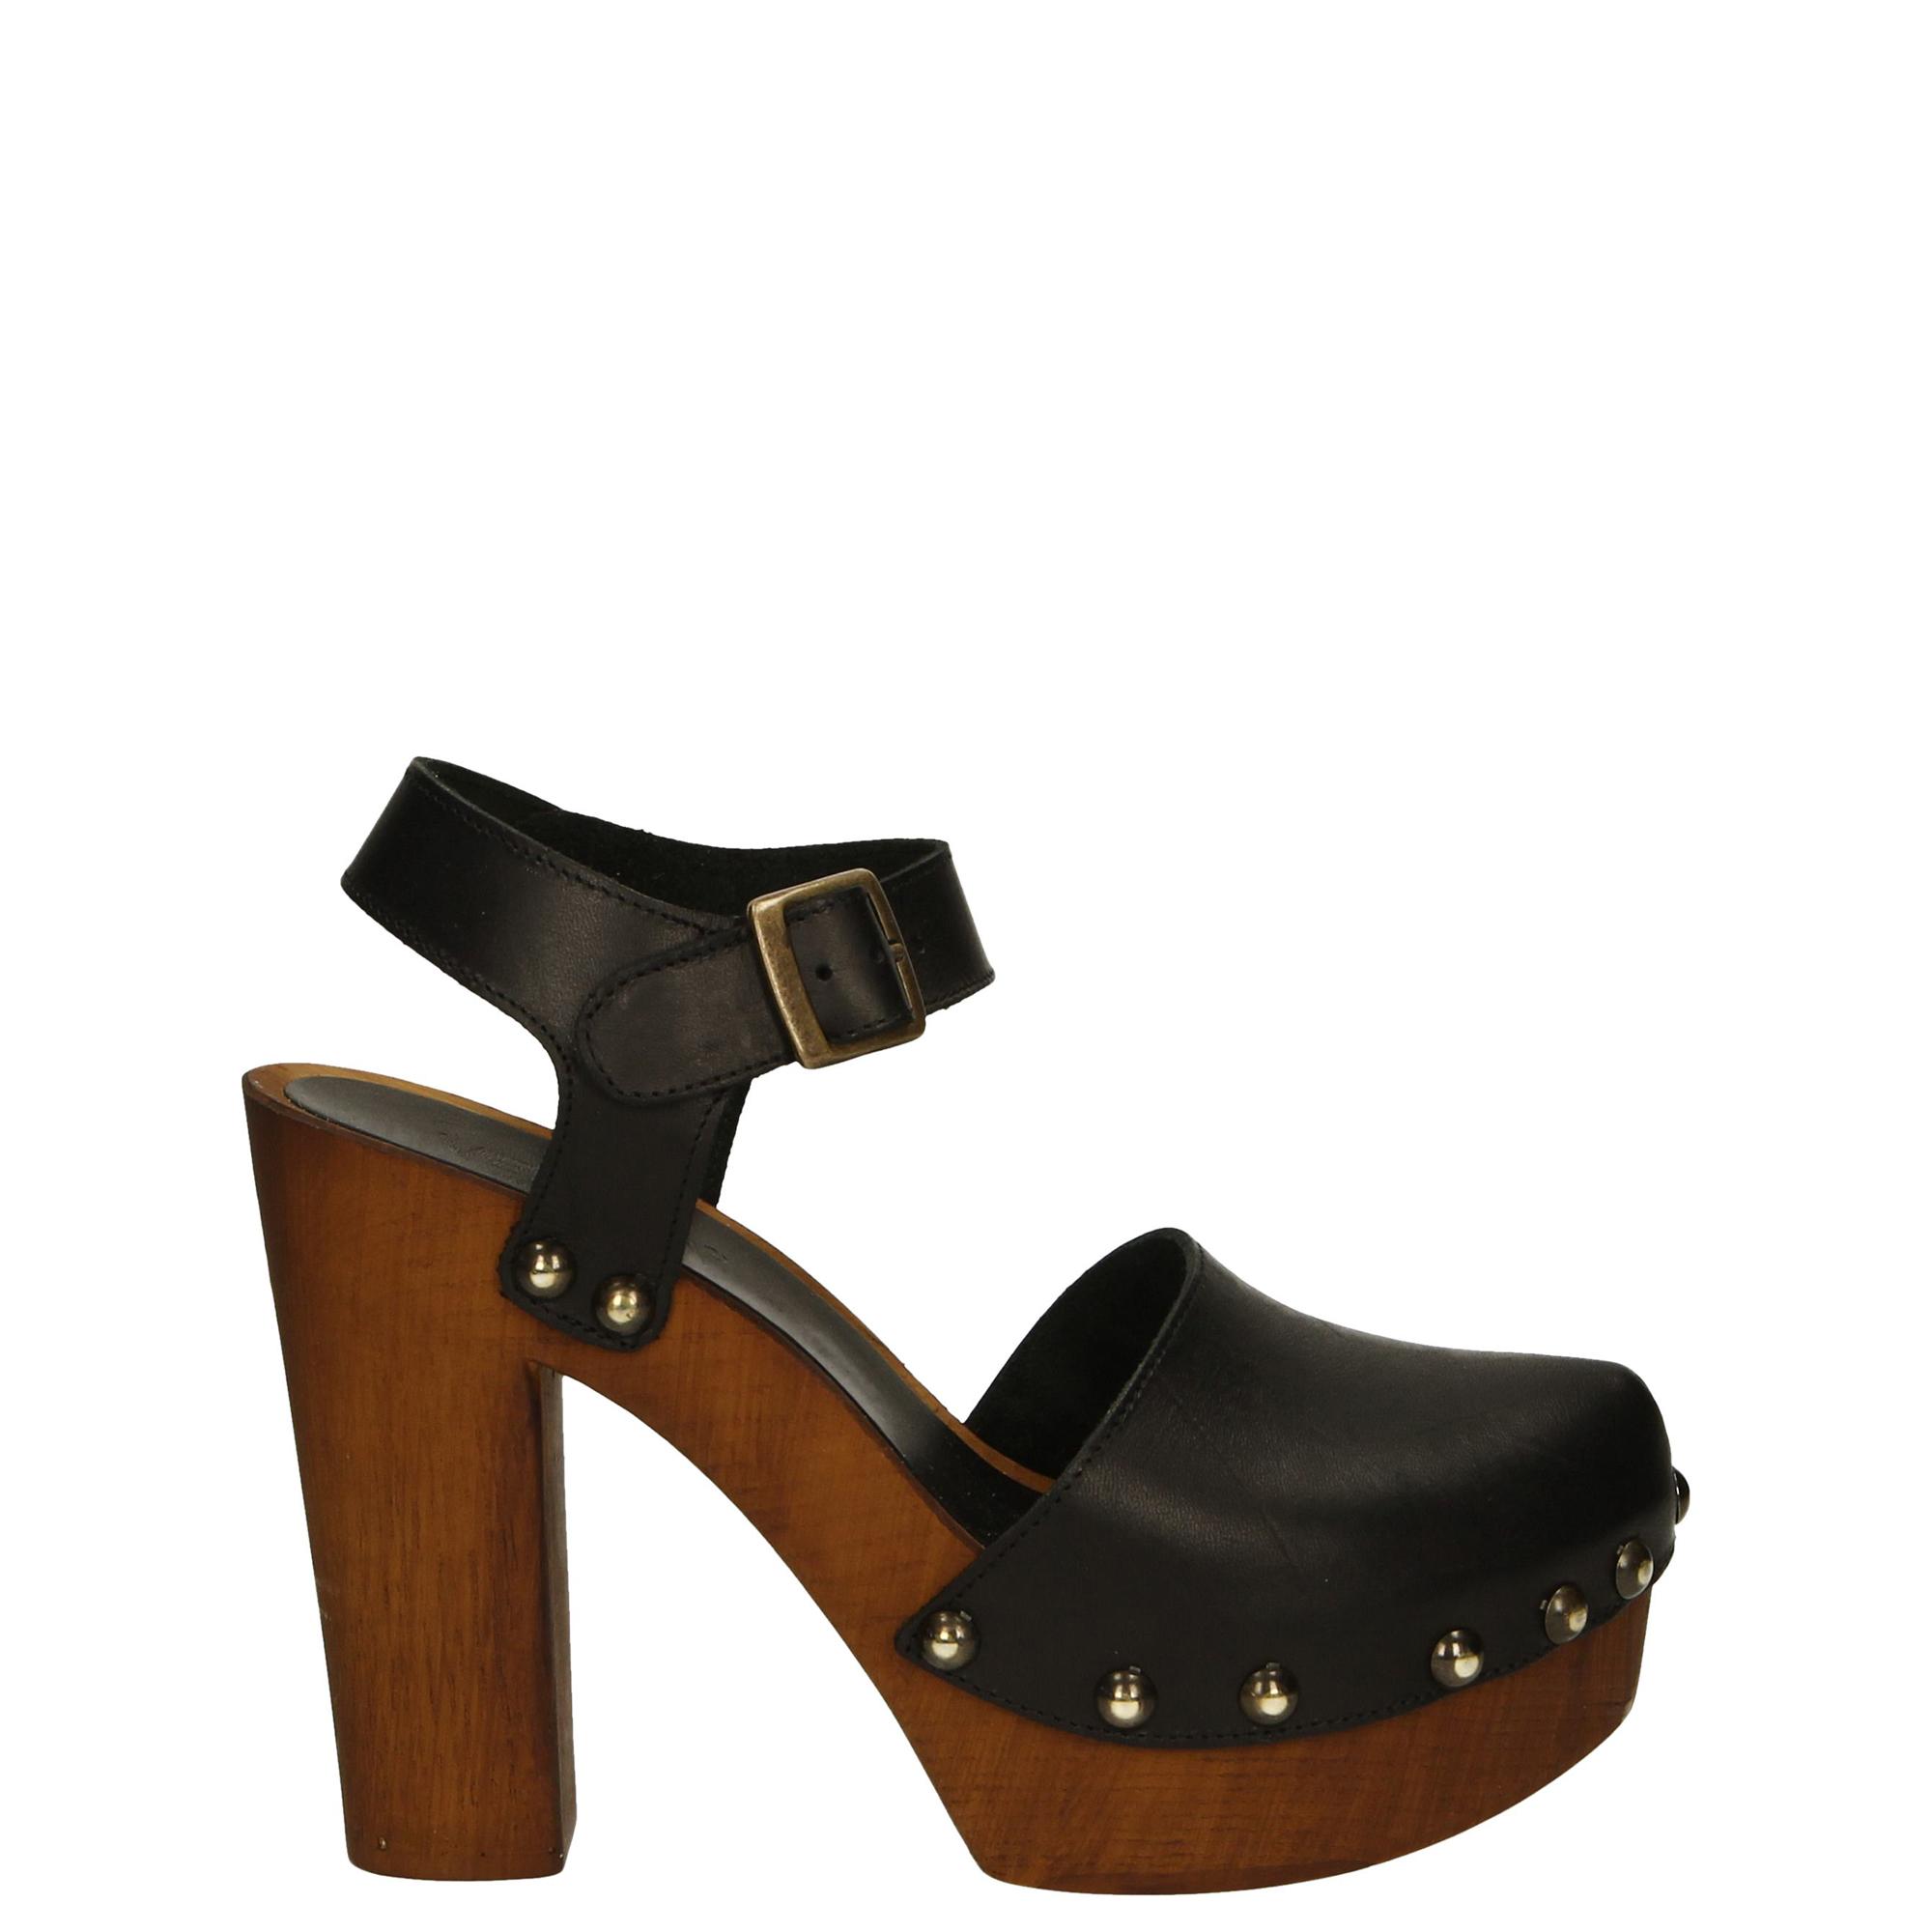 Sandały damskie • skórzane czarne drewniaki • venezia